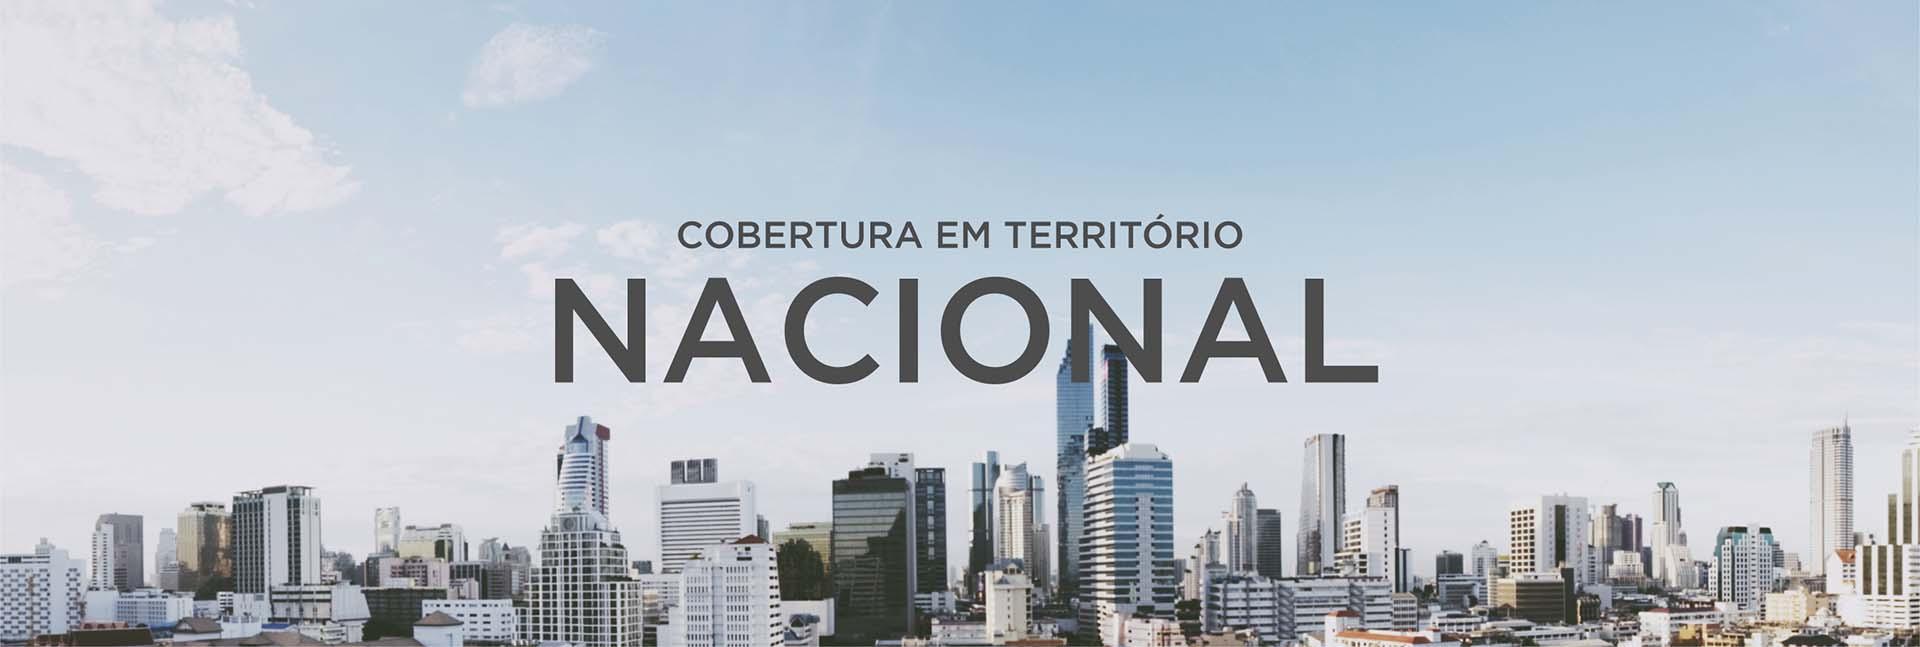 Cobertura nacional dos planos funerais Luto Curitiba